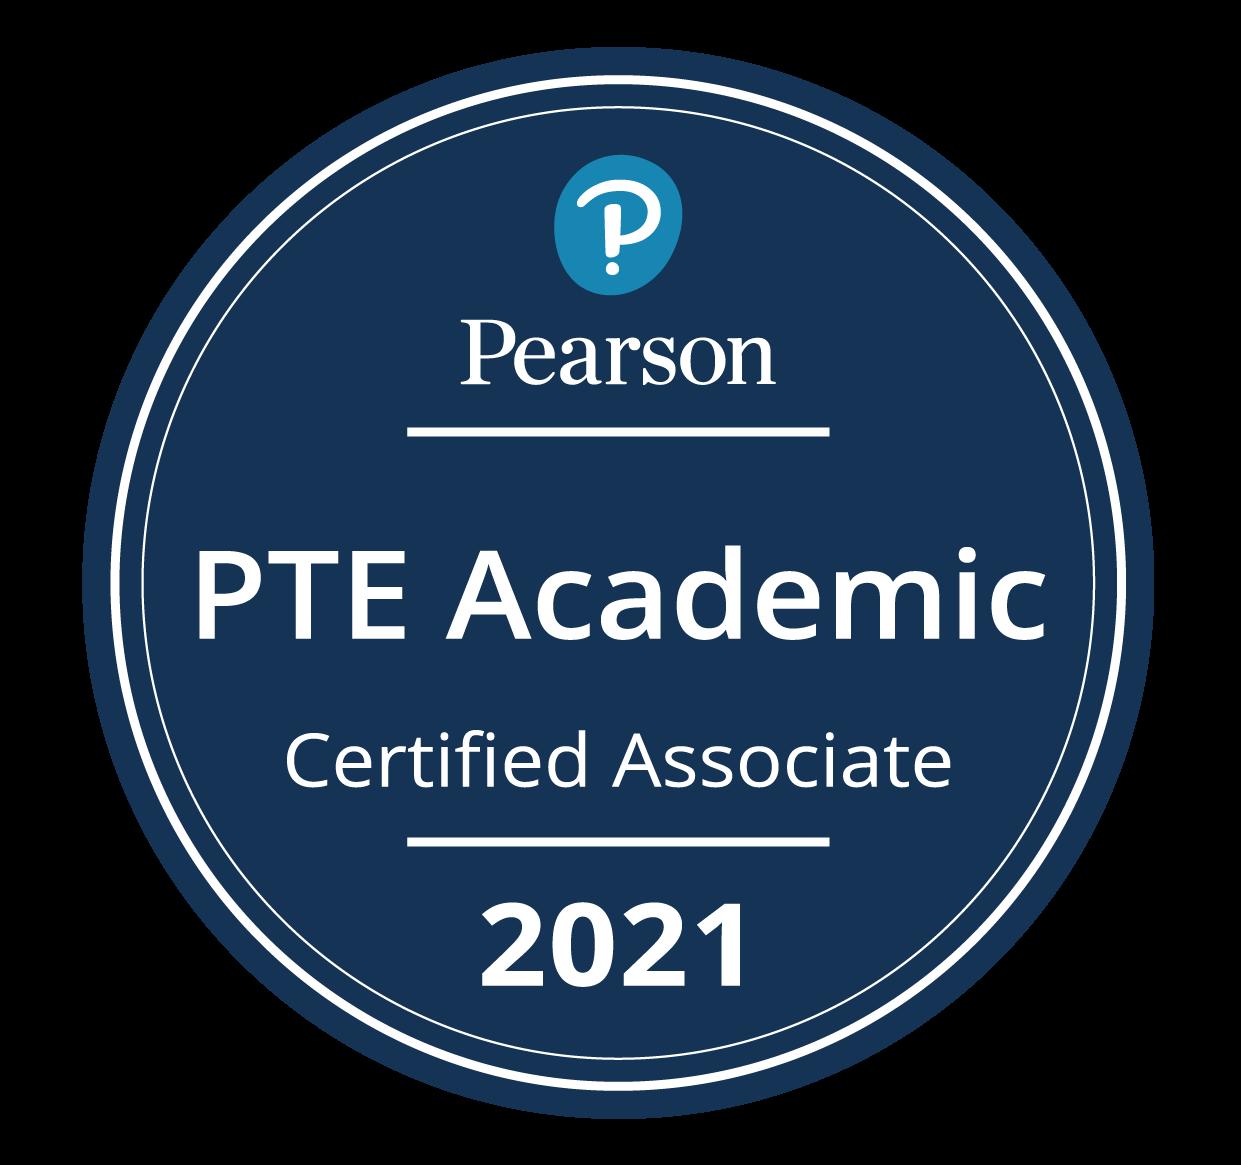 pearson-pte